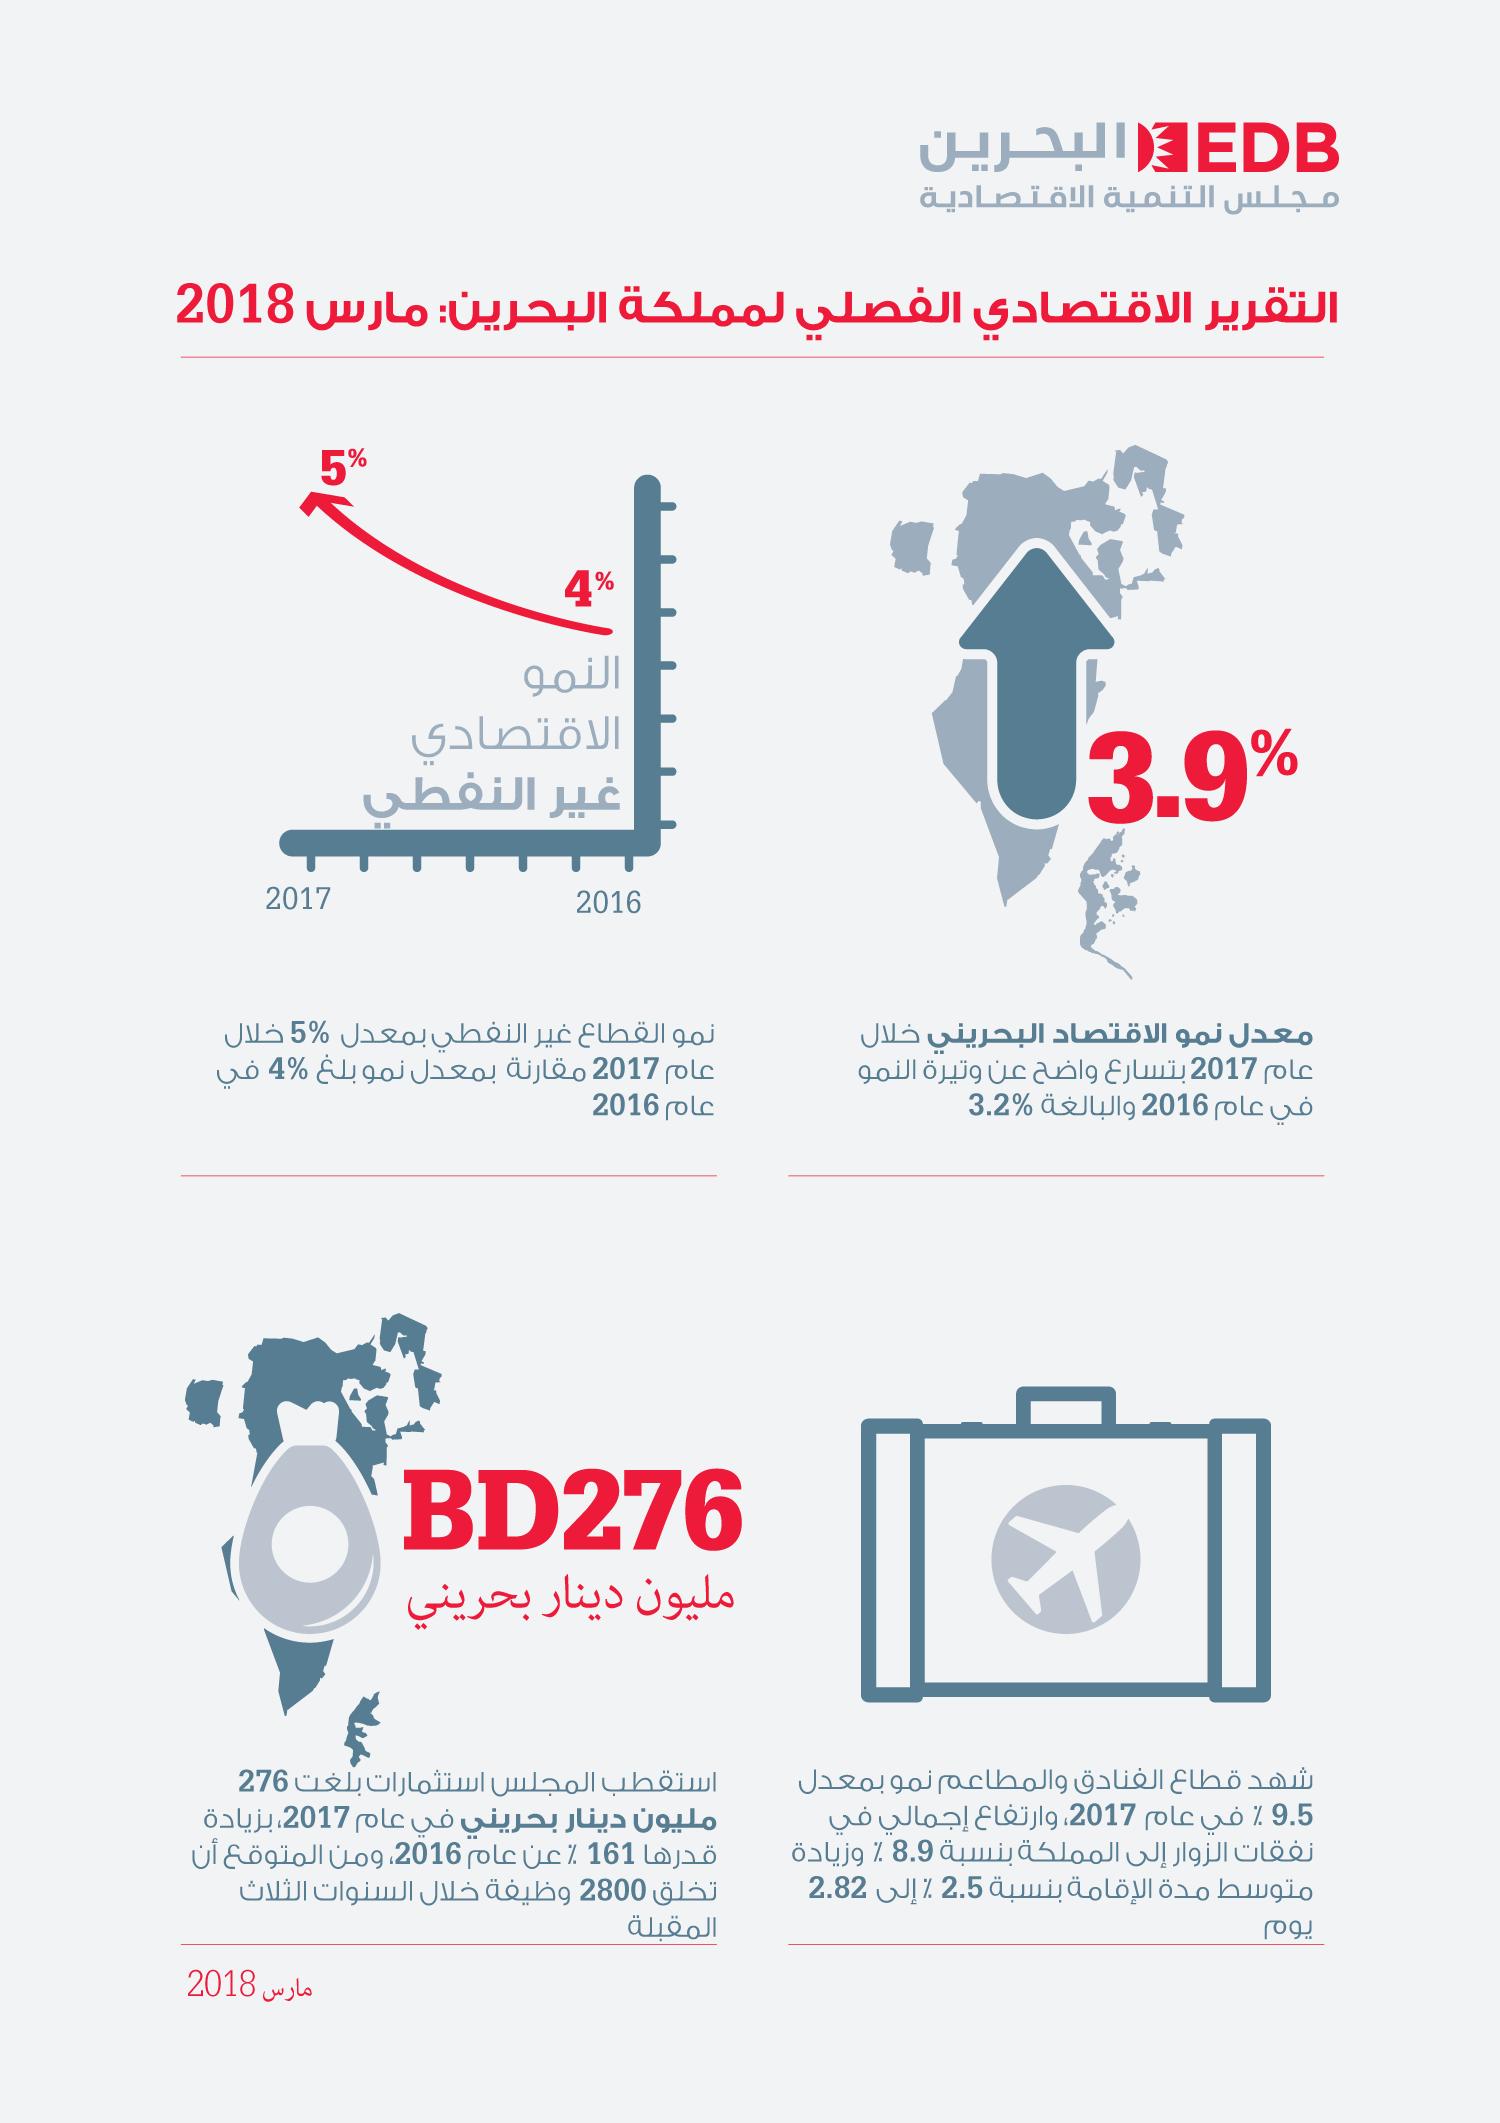 نمو القطاع غير النفطي بنسبة 5% والاقتصاد البحريني الأسرع نمواً في الخليج في العام 2017